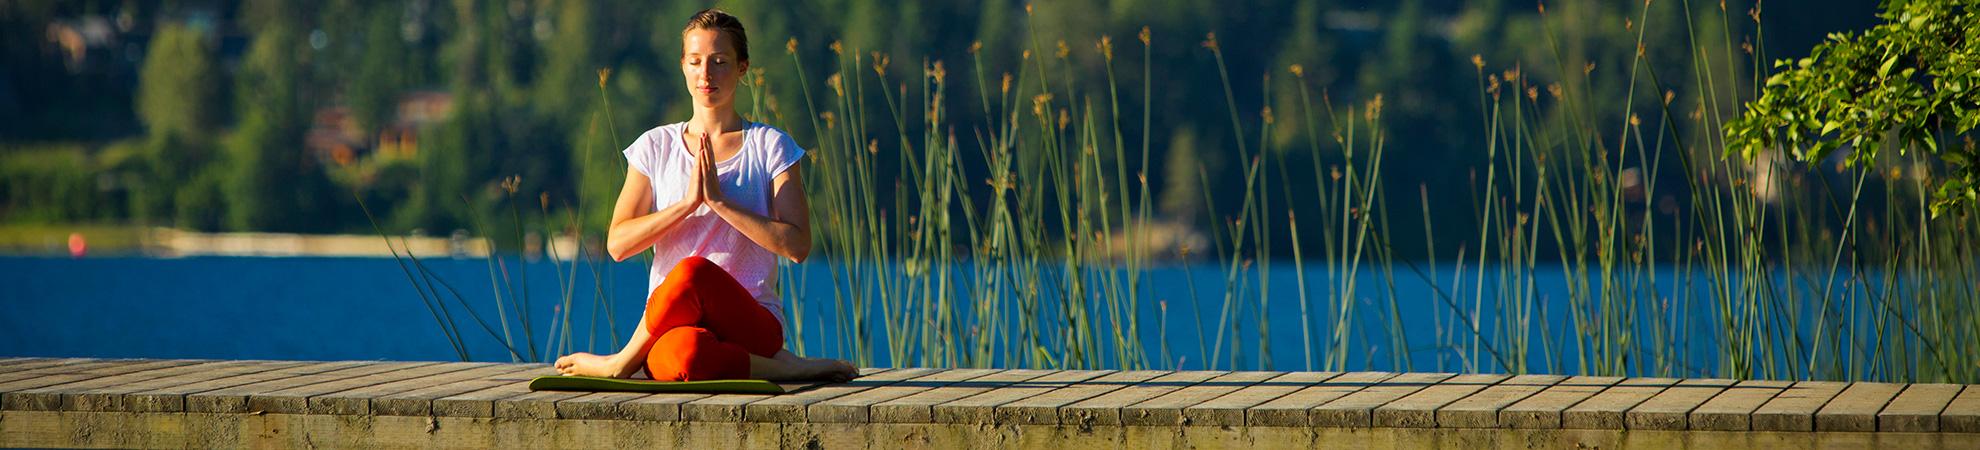 Rencontre avec un maître spirituel